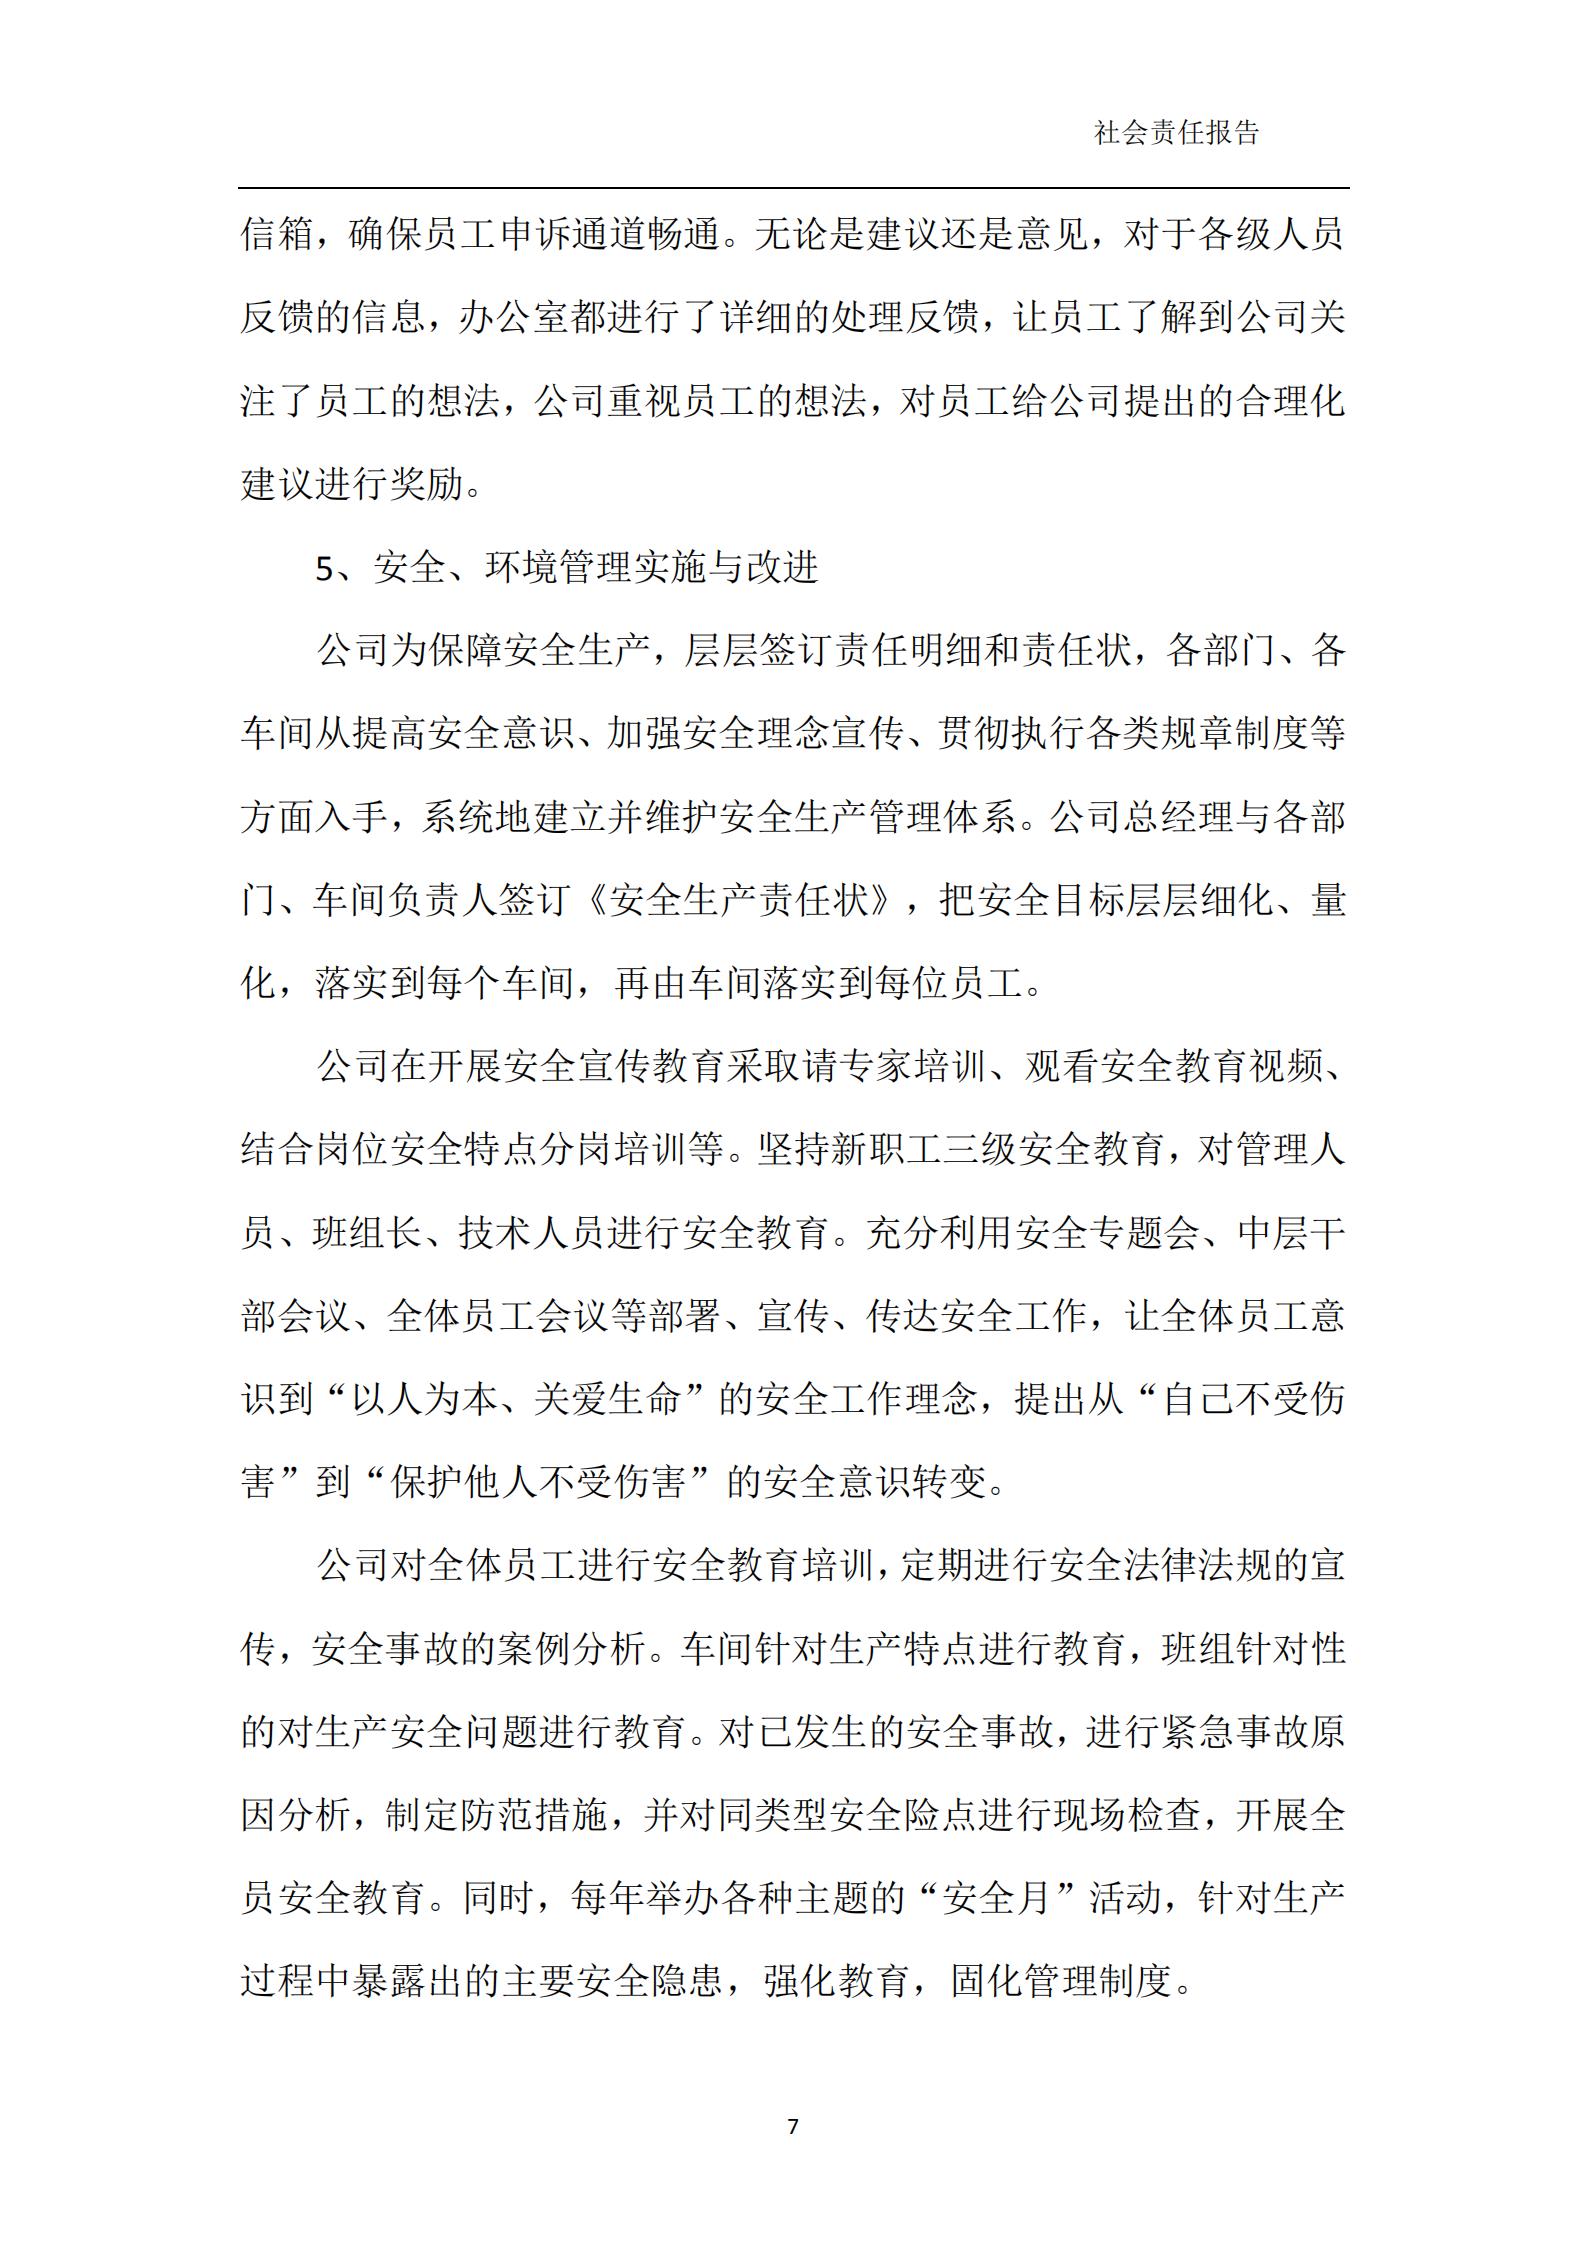 浙江新诚减速机科技有限公司-社会责任报告_06.png